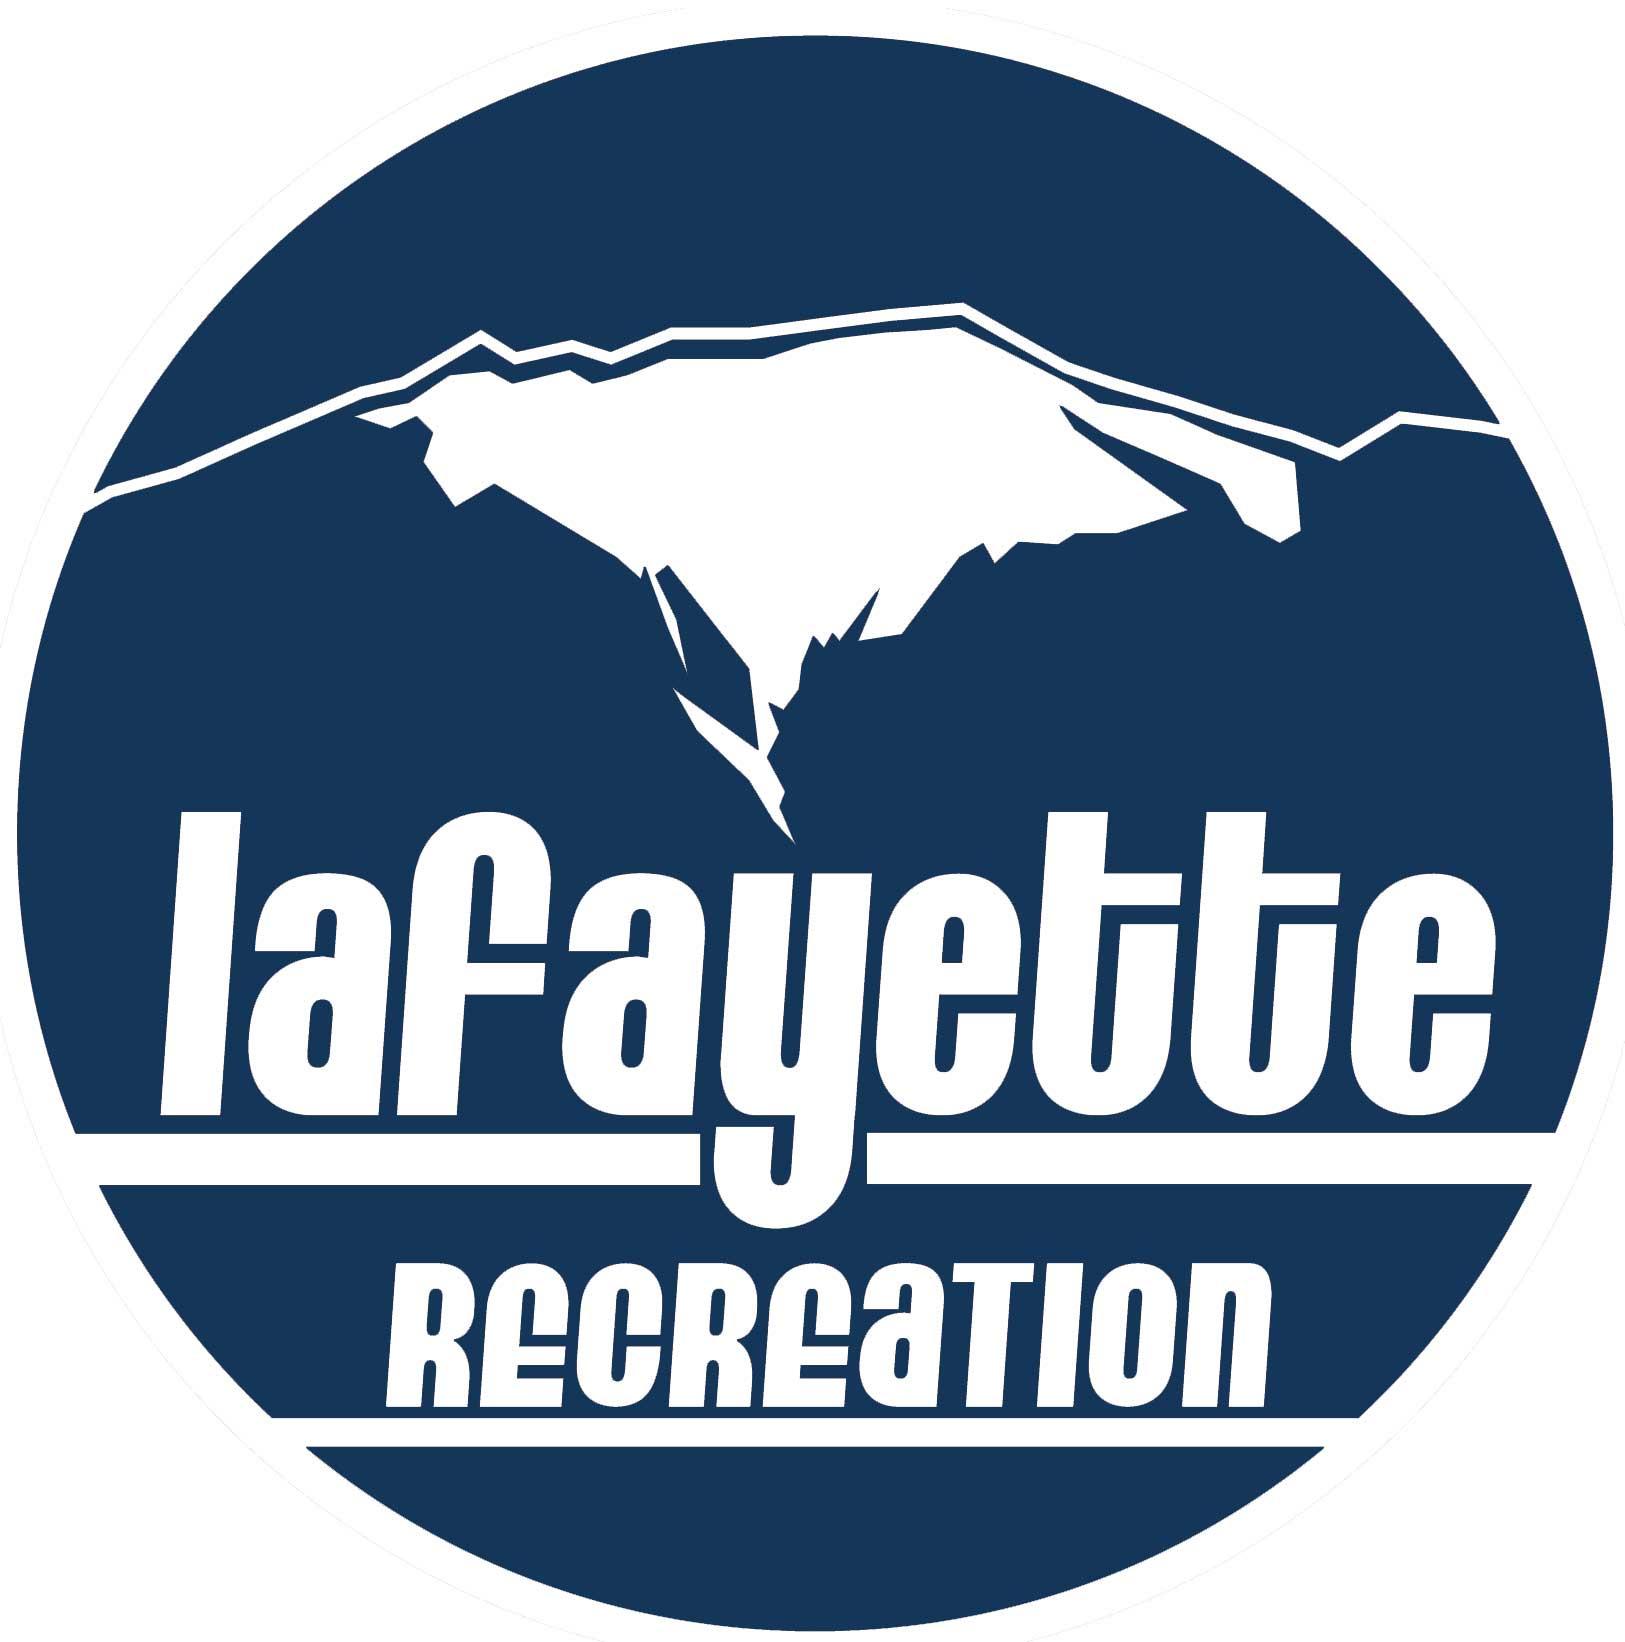 Lafayette-Rec_blue.jpg